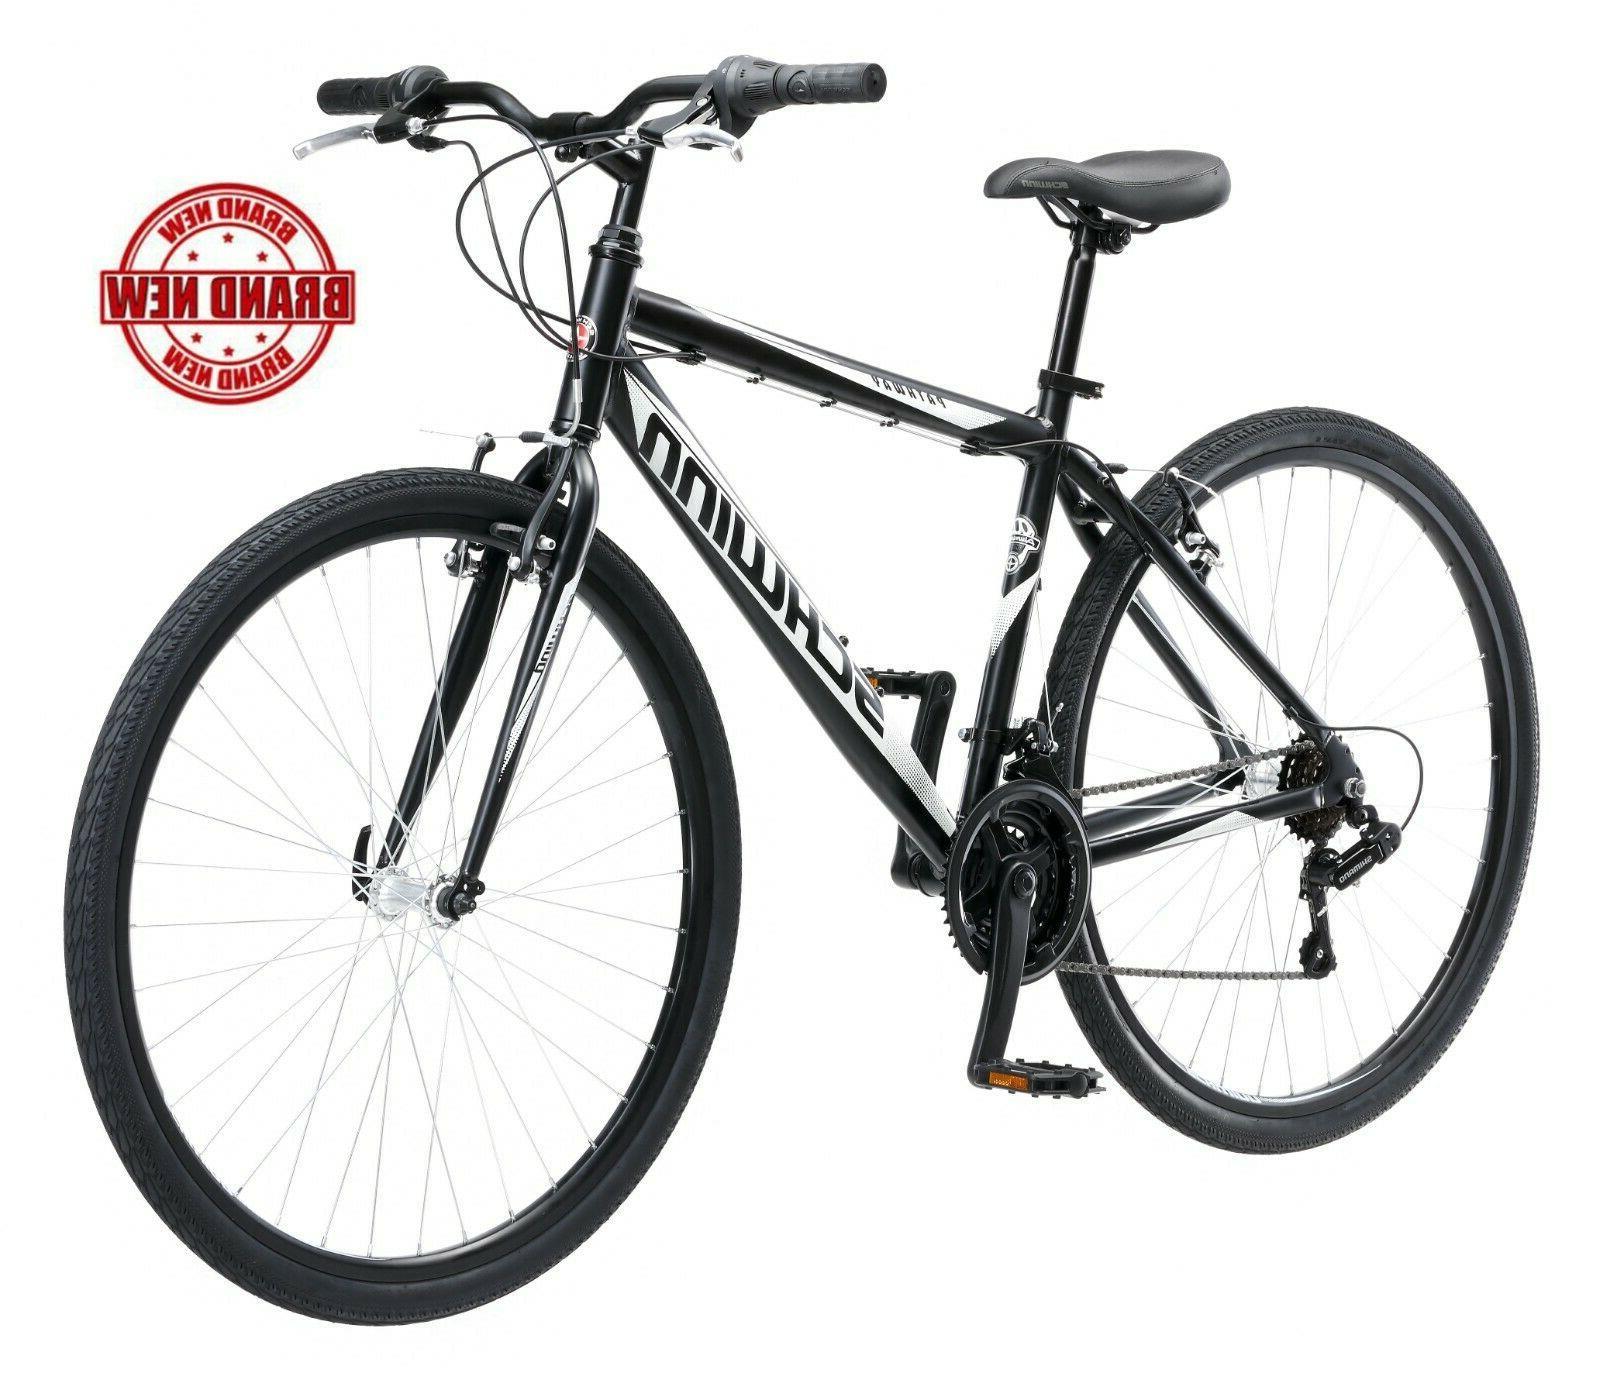 Schwinn Hybrid Bike 700C Men's Black Cruiser Alloy Frame Spo